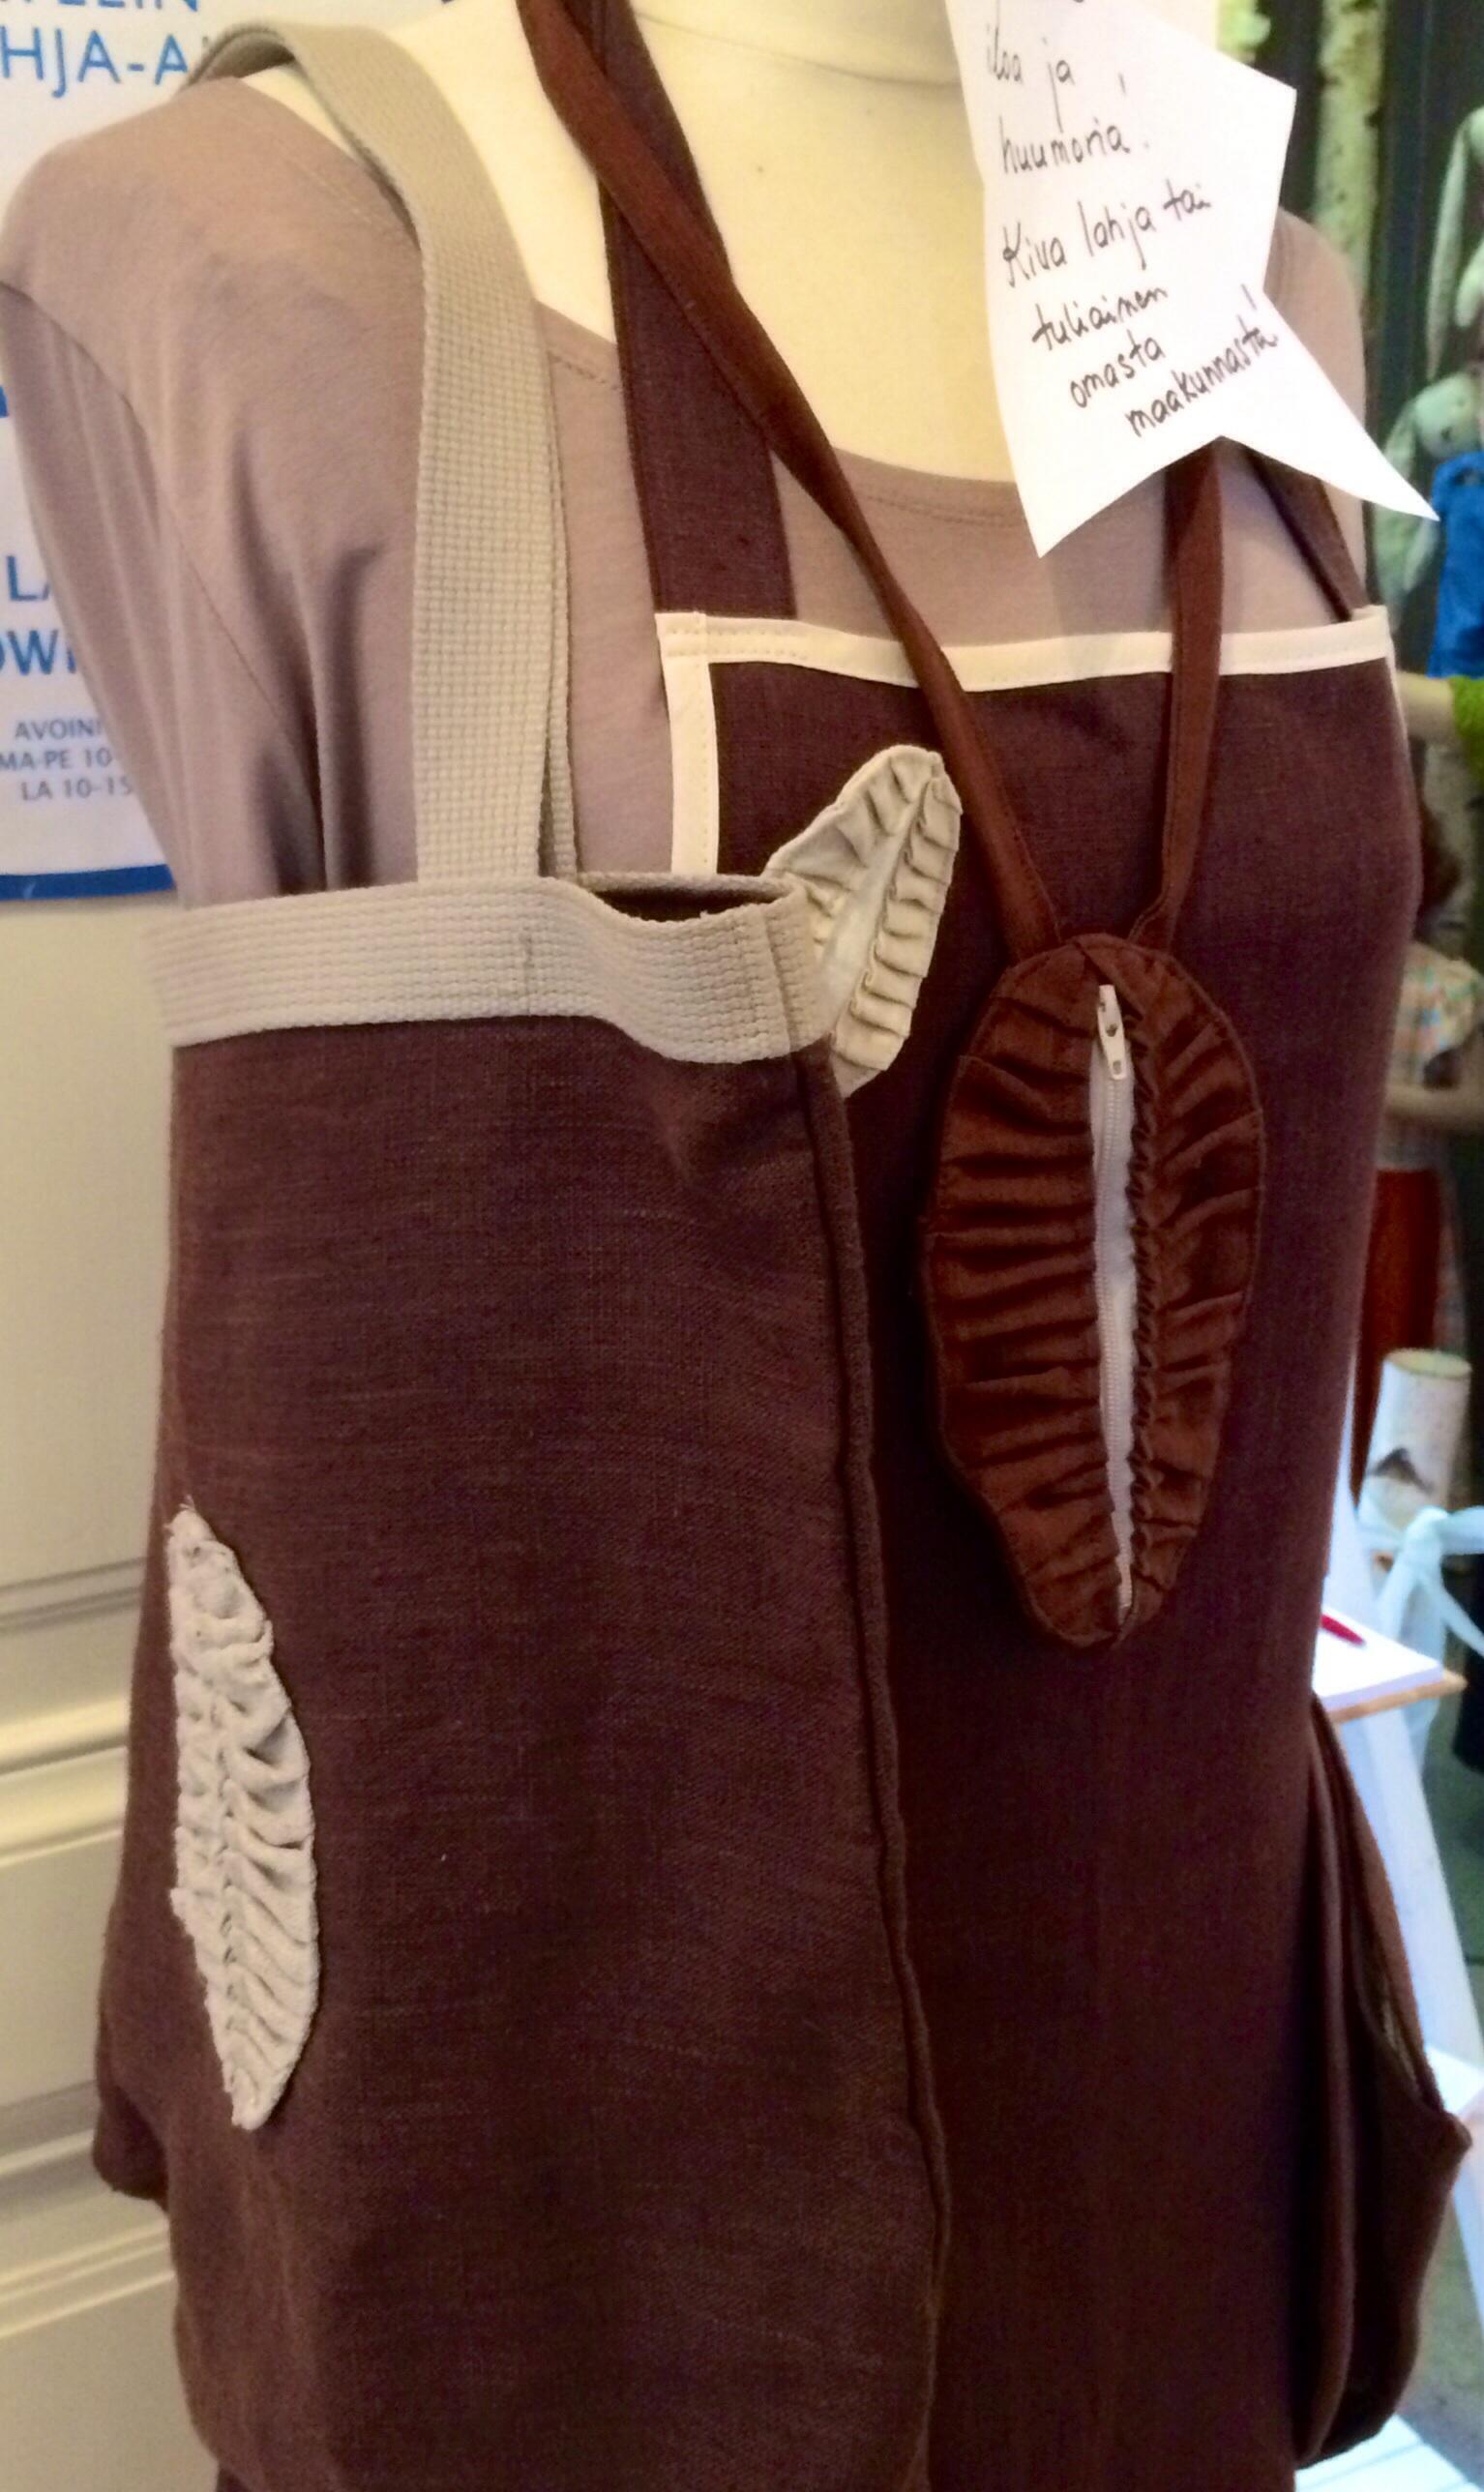 Kitchen wear accessories - reijosfood.com